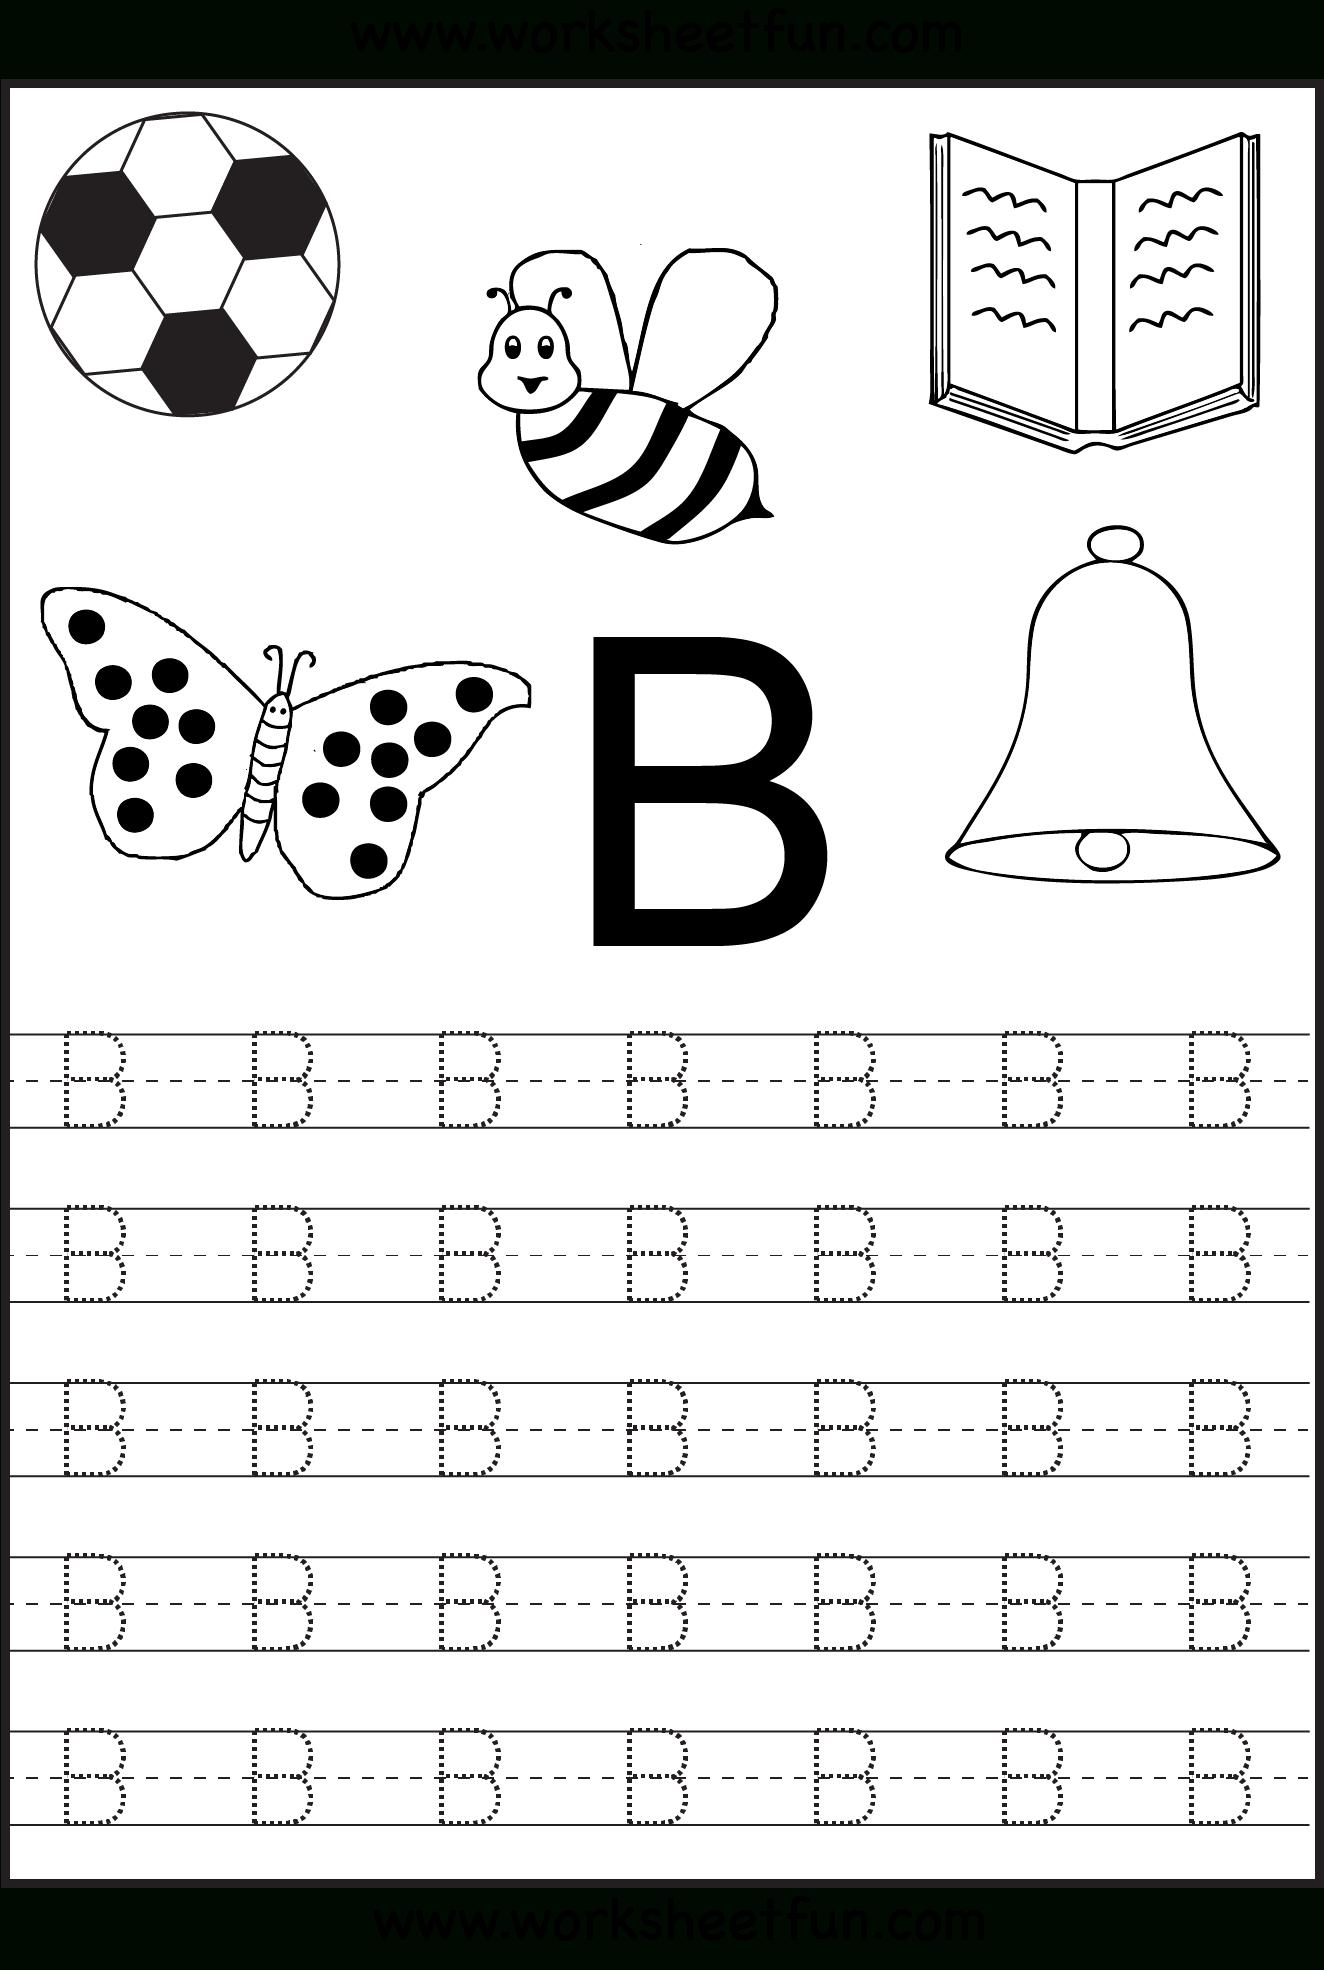 Free Printable Letter Tracing Worksheets For Kindergarten inside Alphabet Worksheets Kindergarten Free